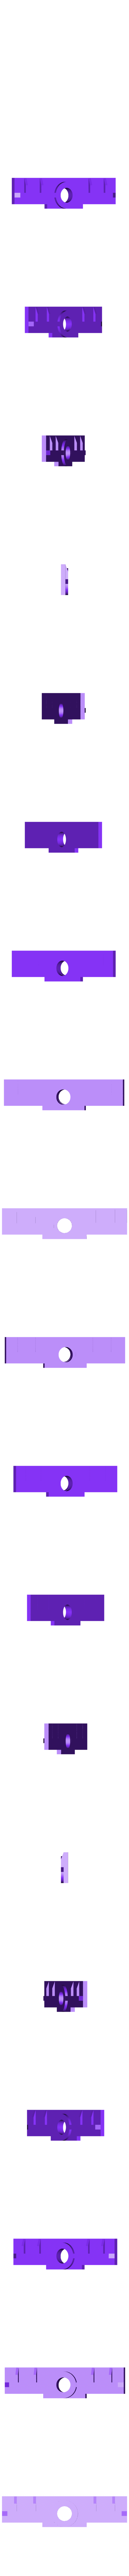 ClampPlate.stl Télécharger fichier STL gratuit Support de caméra de plafond pour plafonds commerciaux de 600 mm • Design imprimable en 3D, PapaBravo